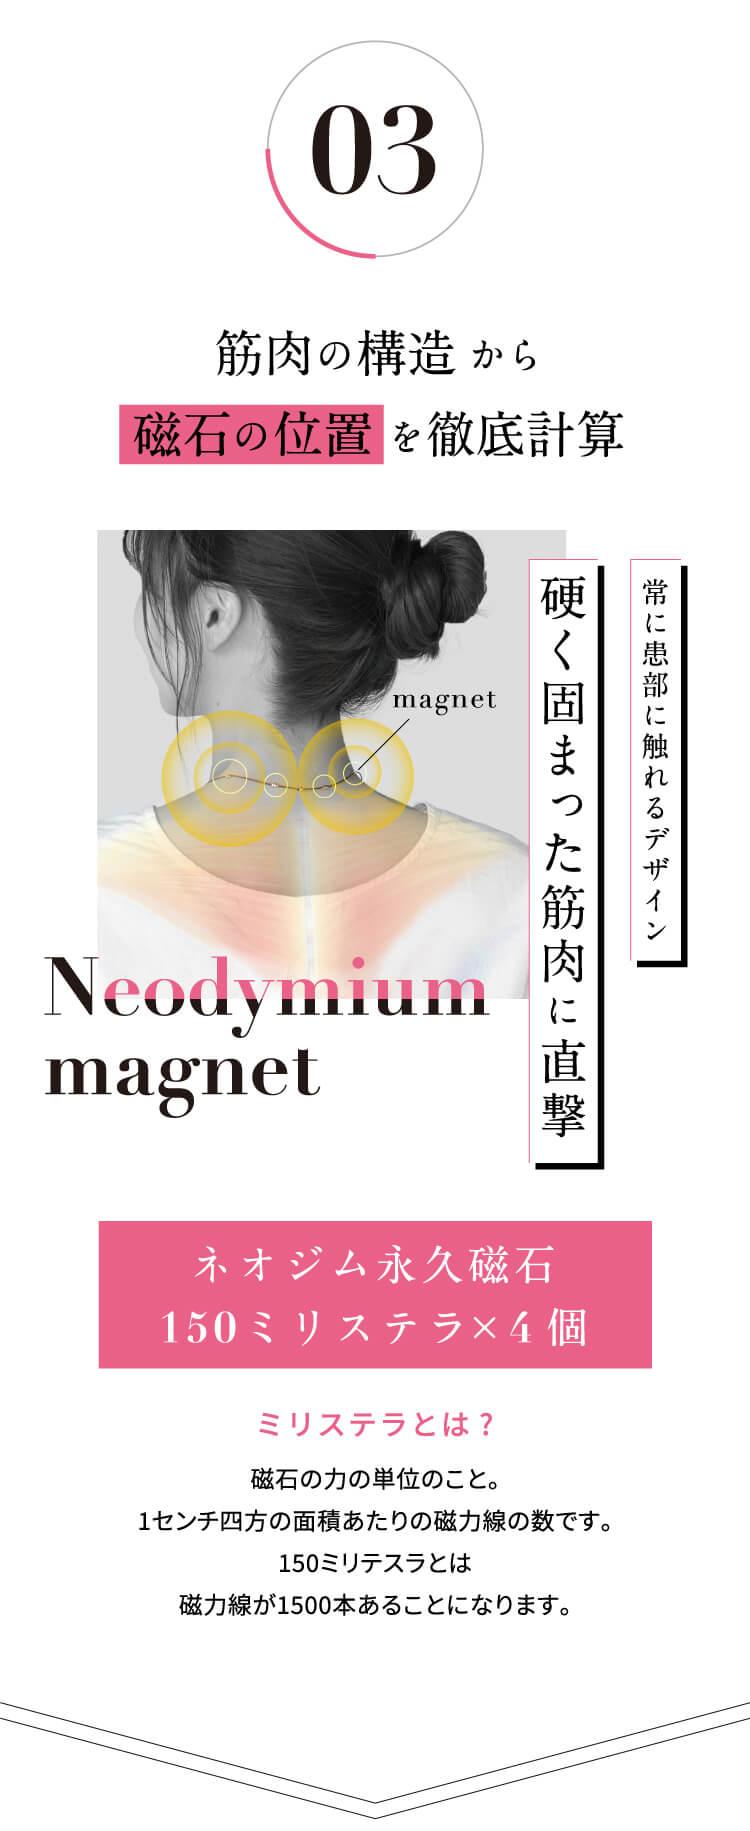 3.筋肉の構造から磁石の位置を徹底計算